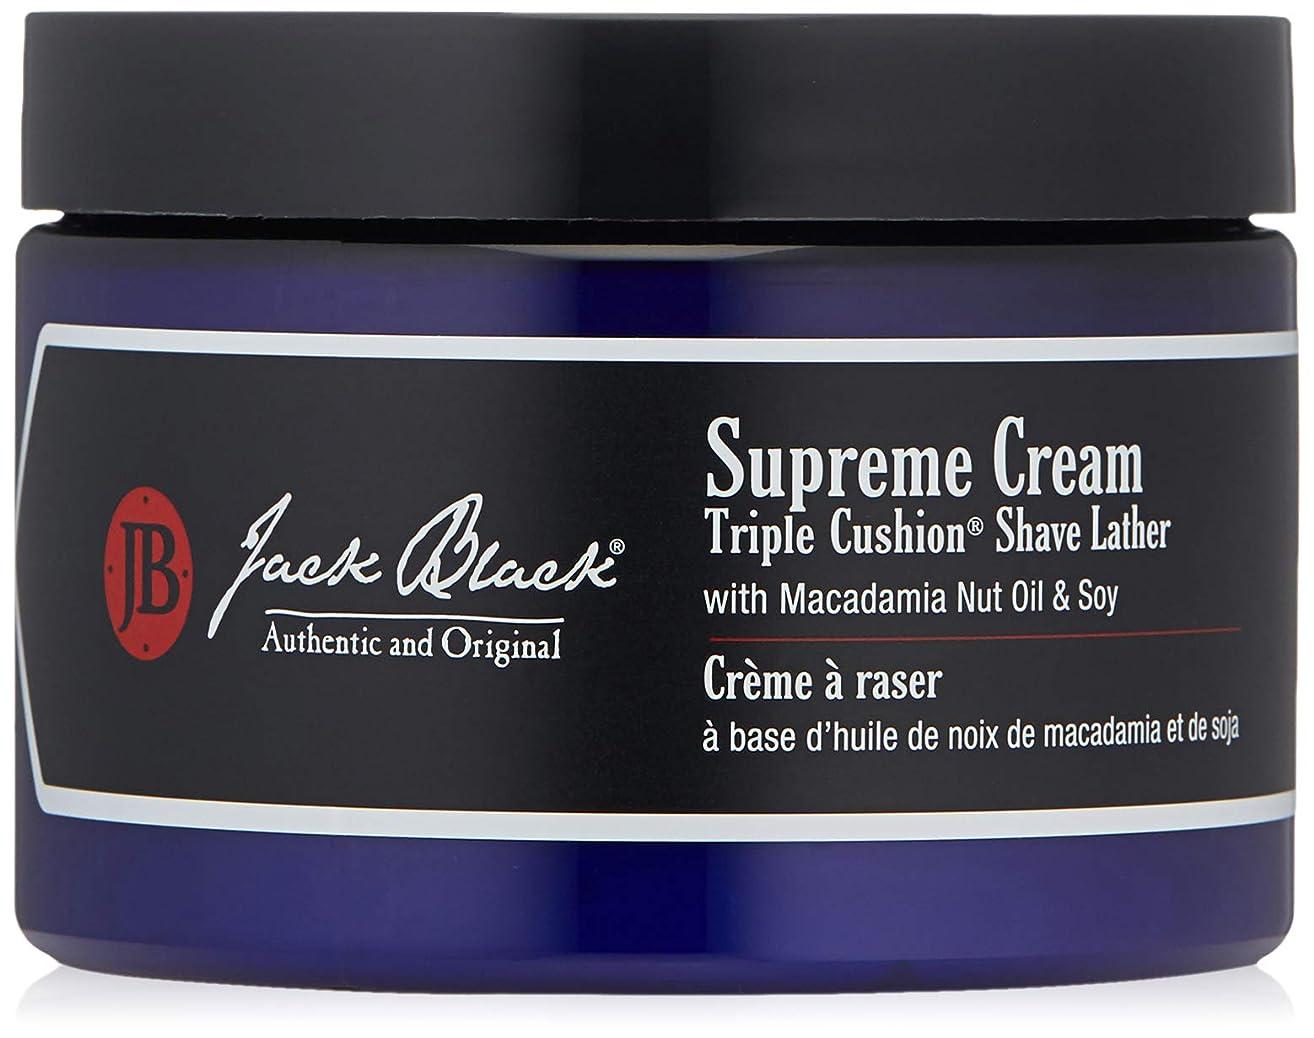 補償厚い半島ジャックブラック Supreme Cream Triple Cushion Shave Lather 270g/9.5oz並行輸入品